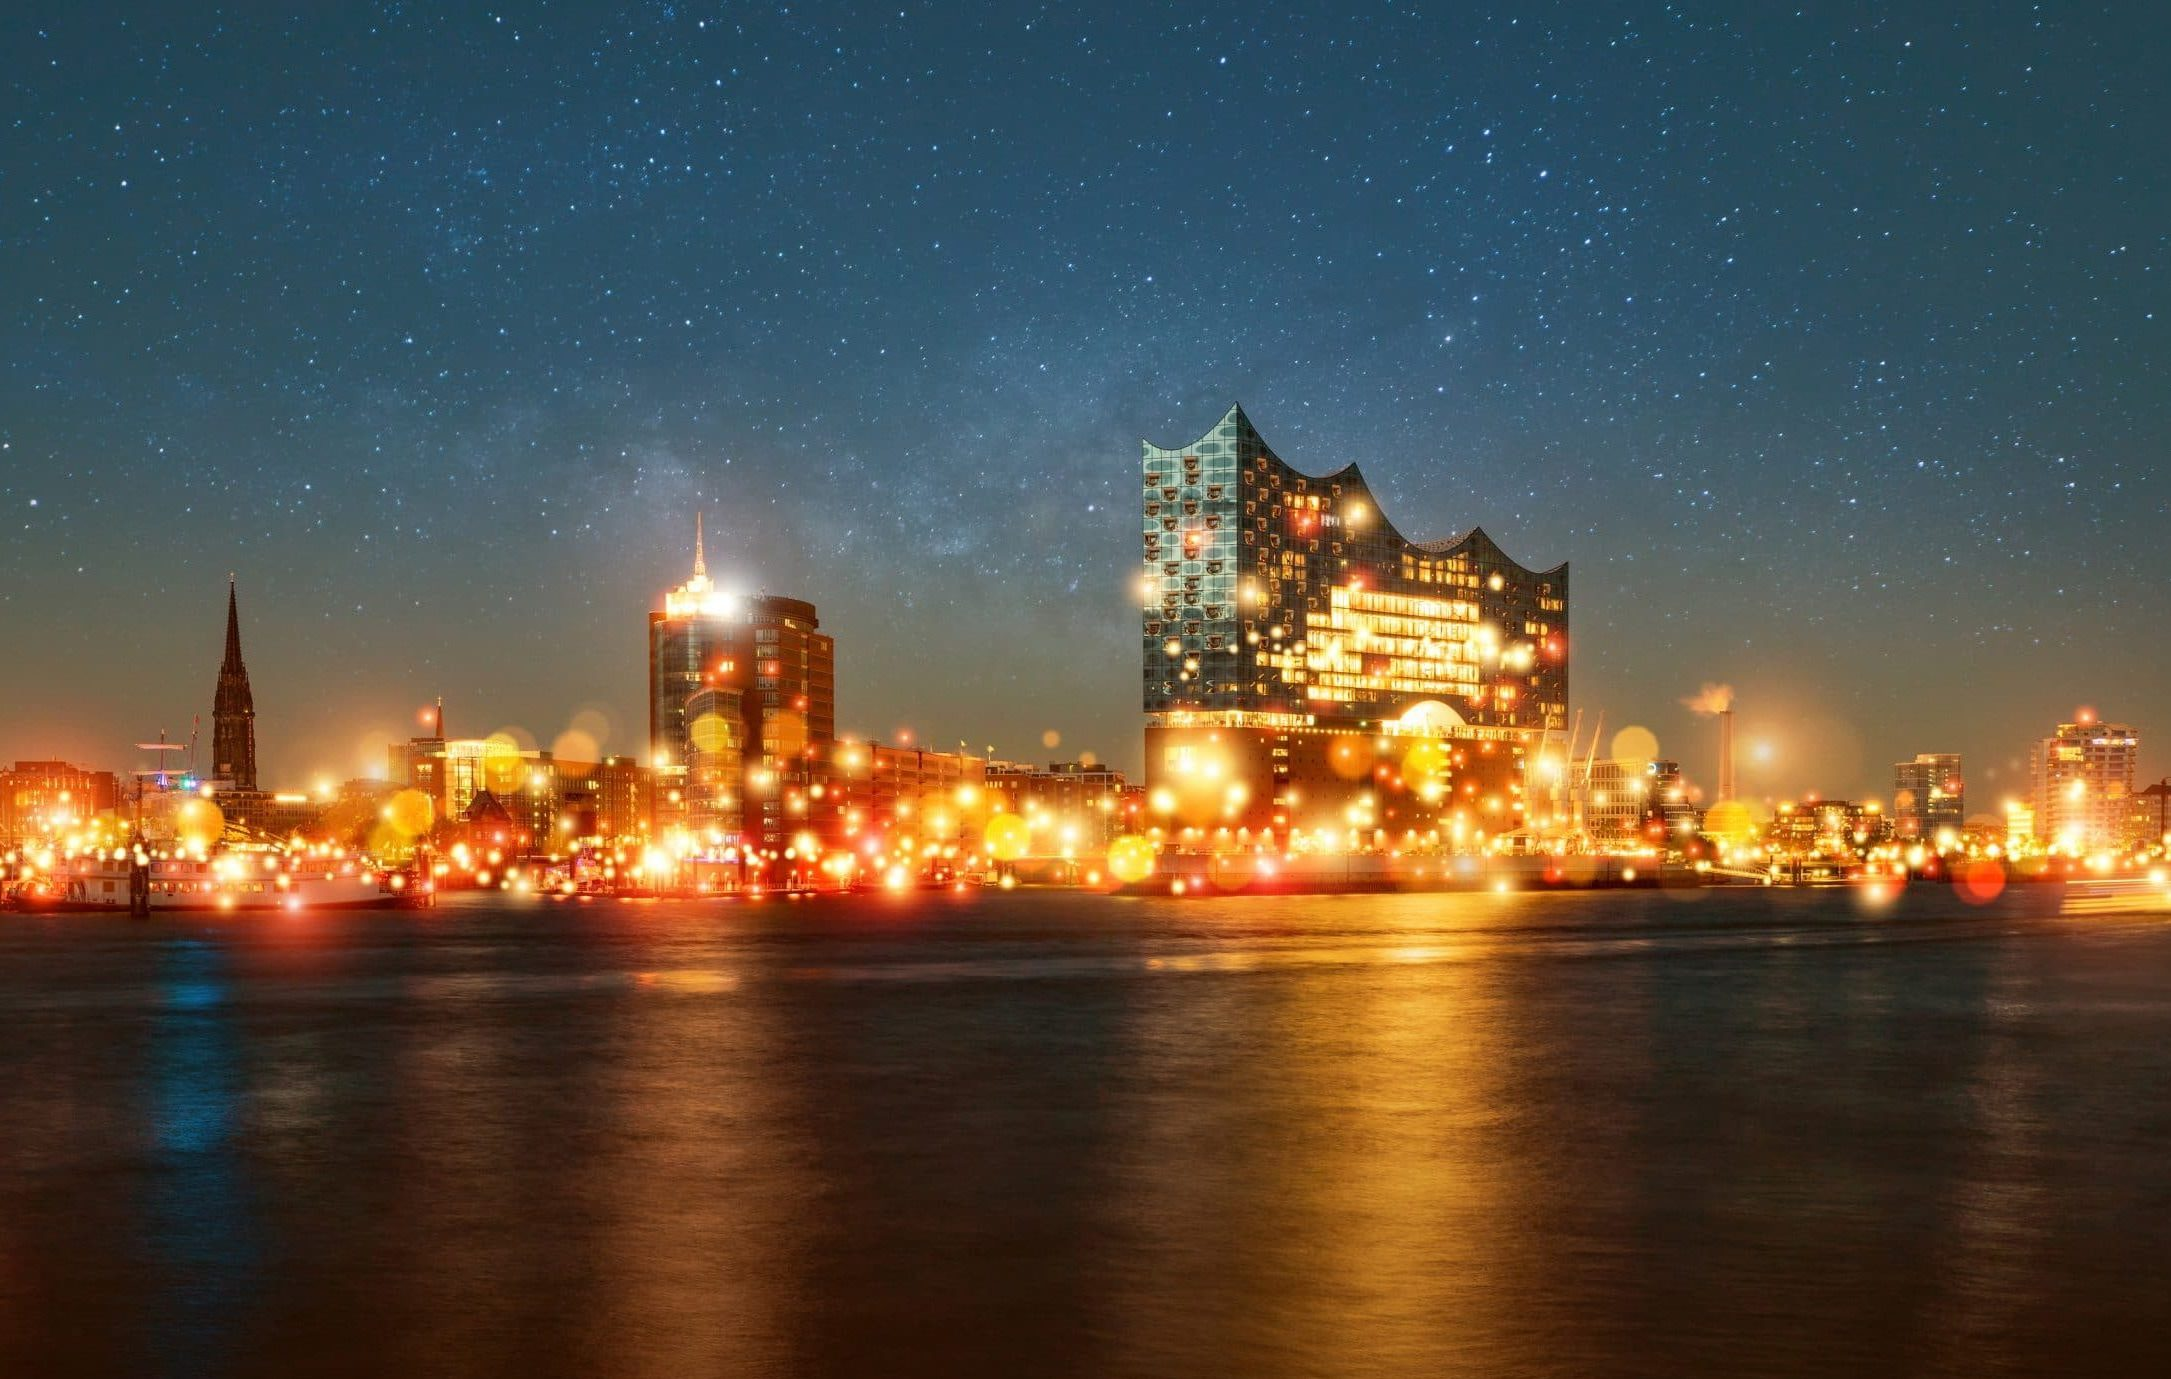 Hamburger Hafen während 21 Million Lights Event